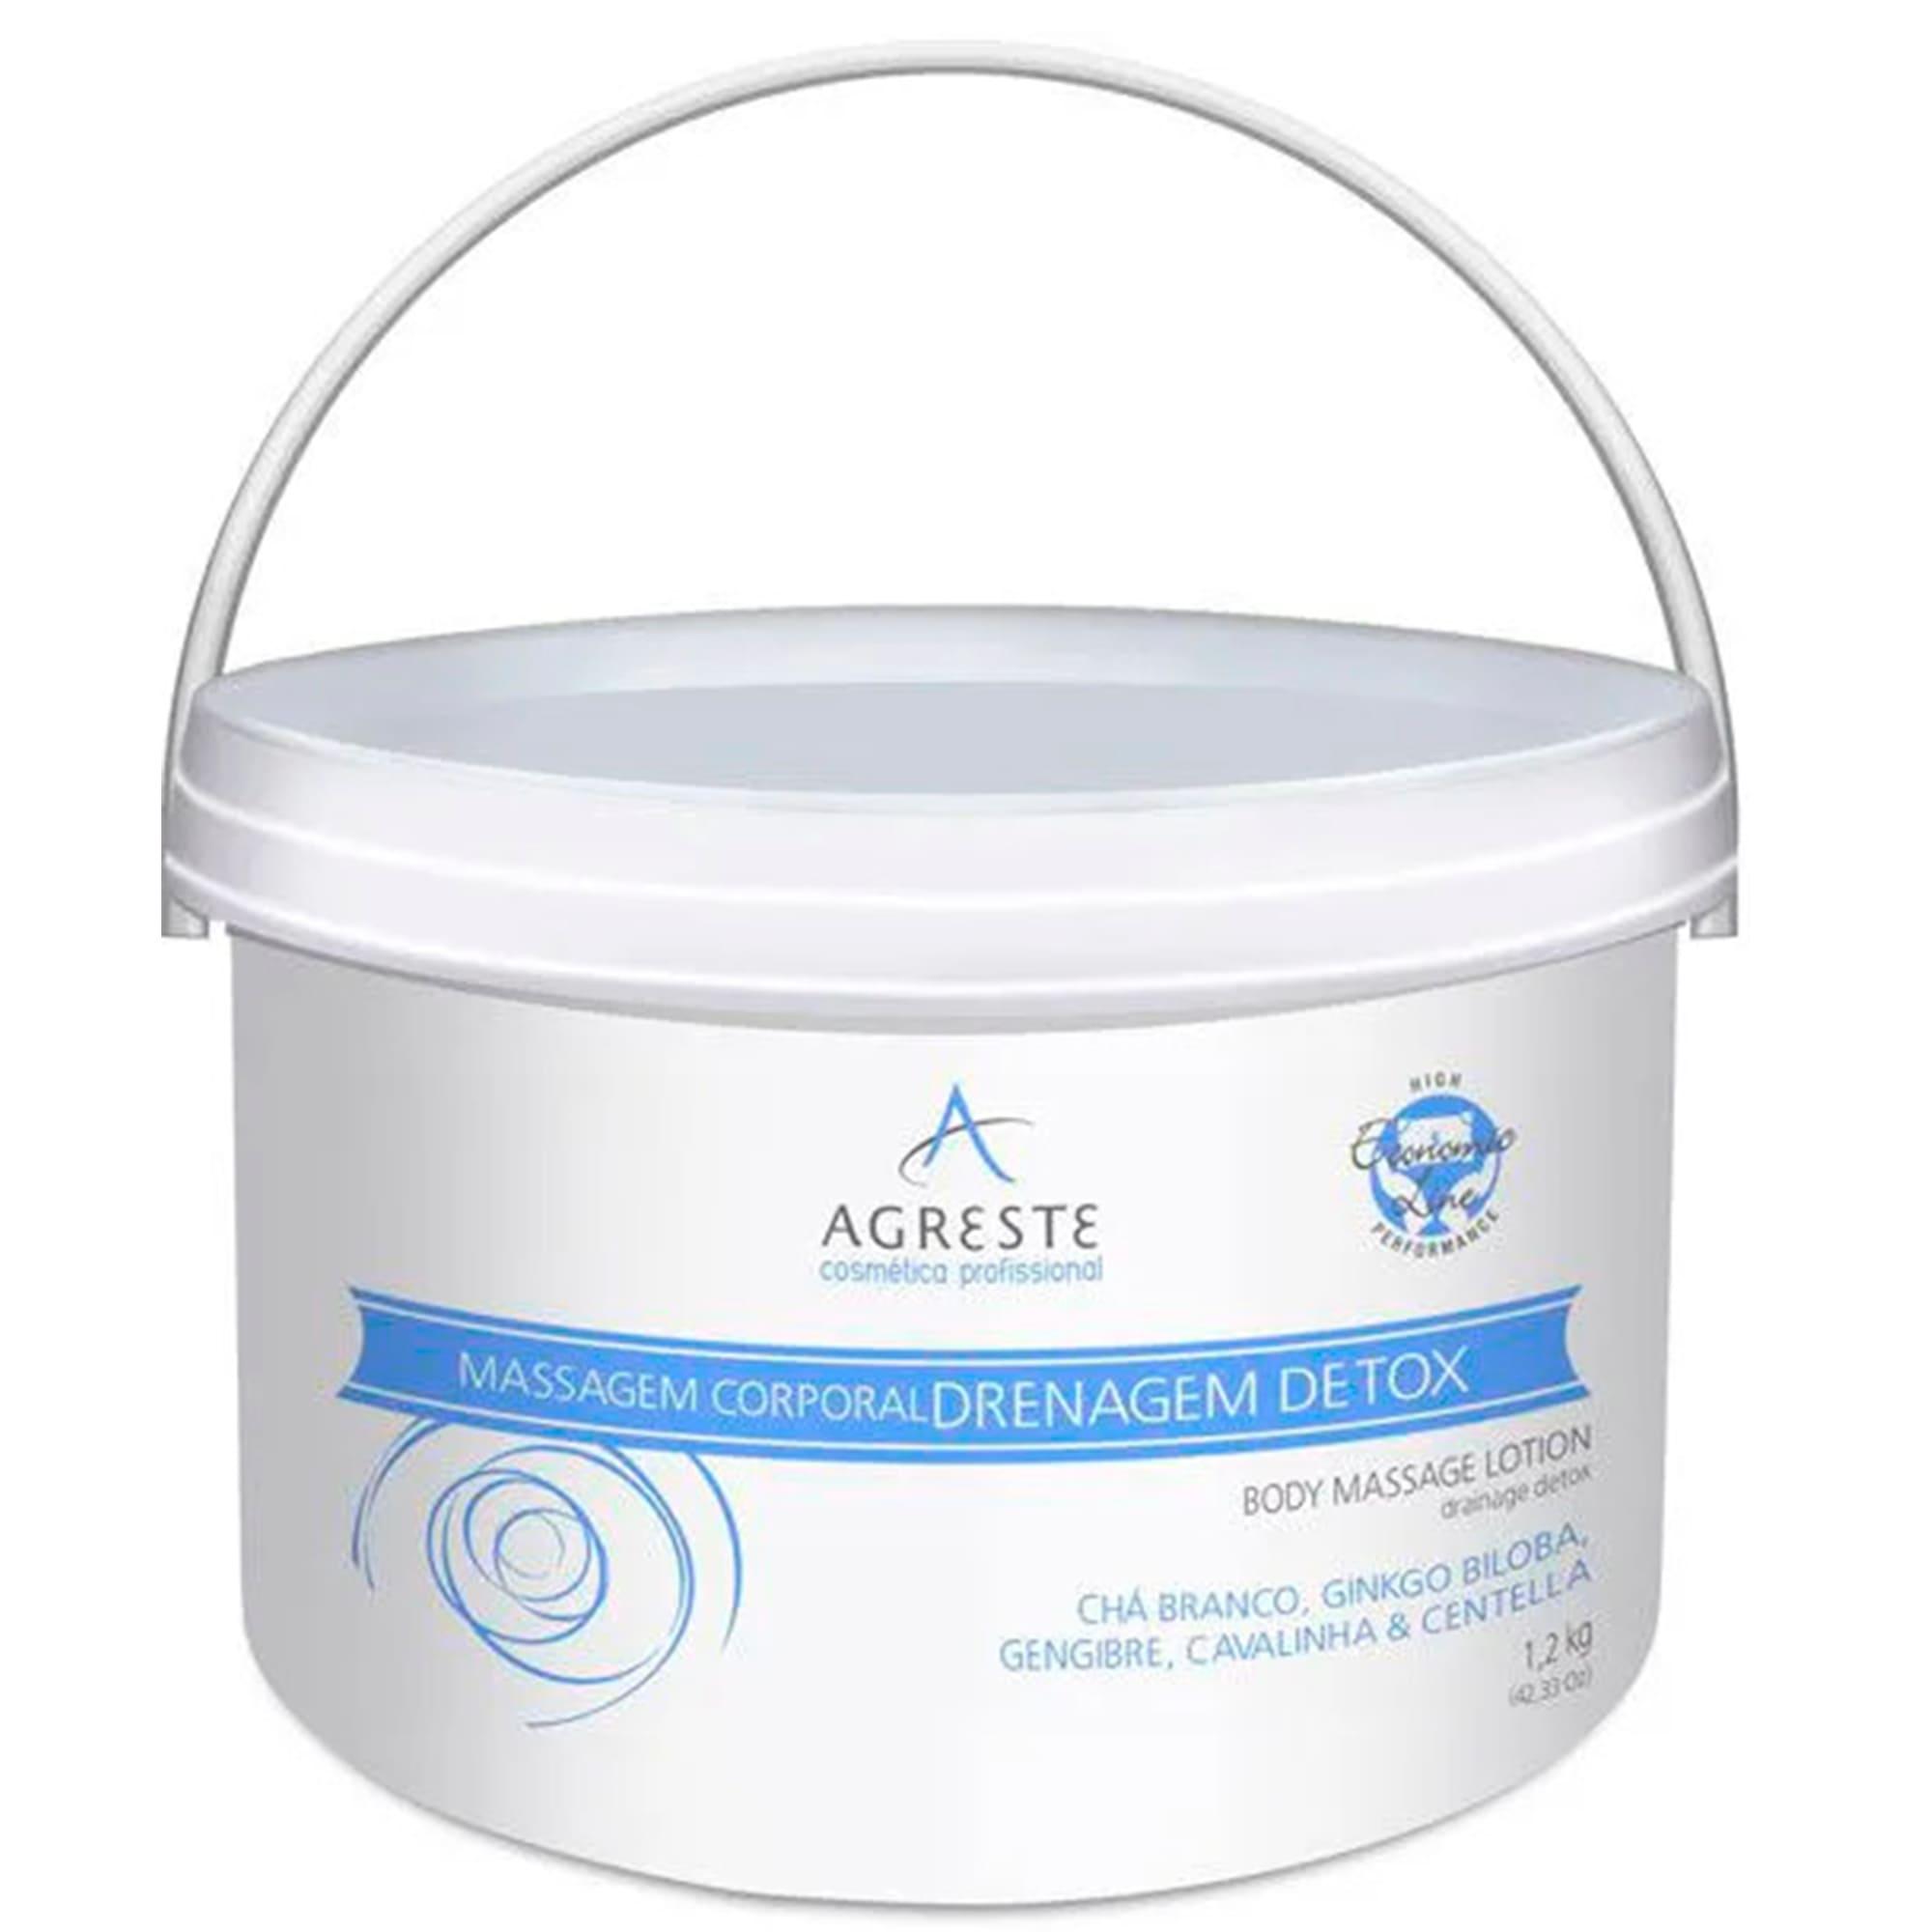 Creme para Massagem Drenagem Detox 1,2Kg - Agreste